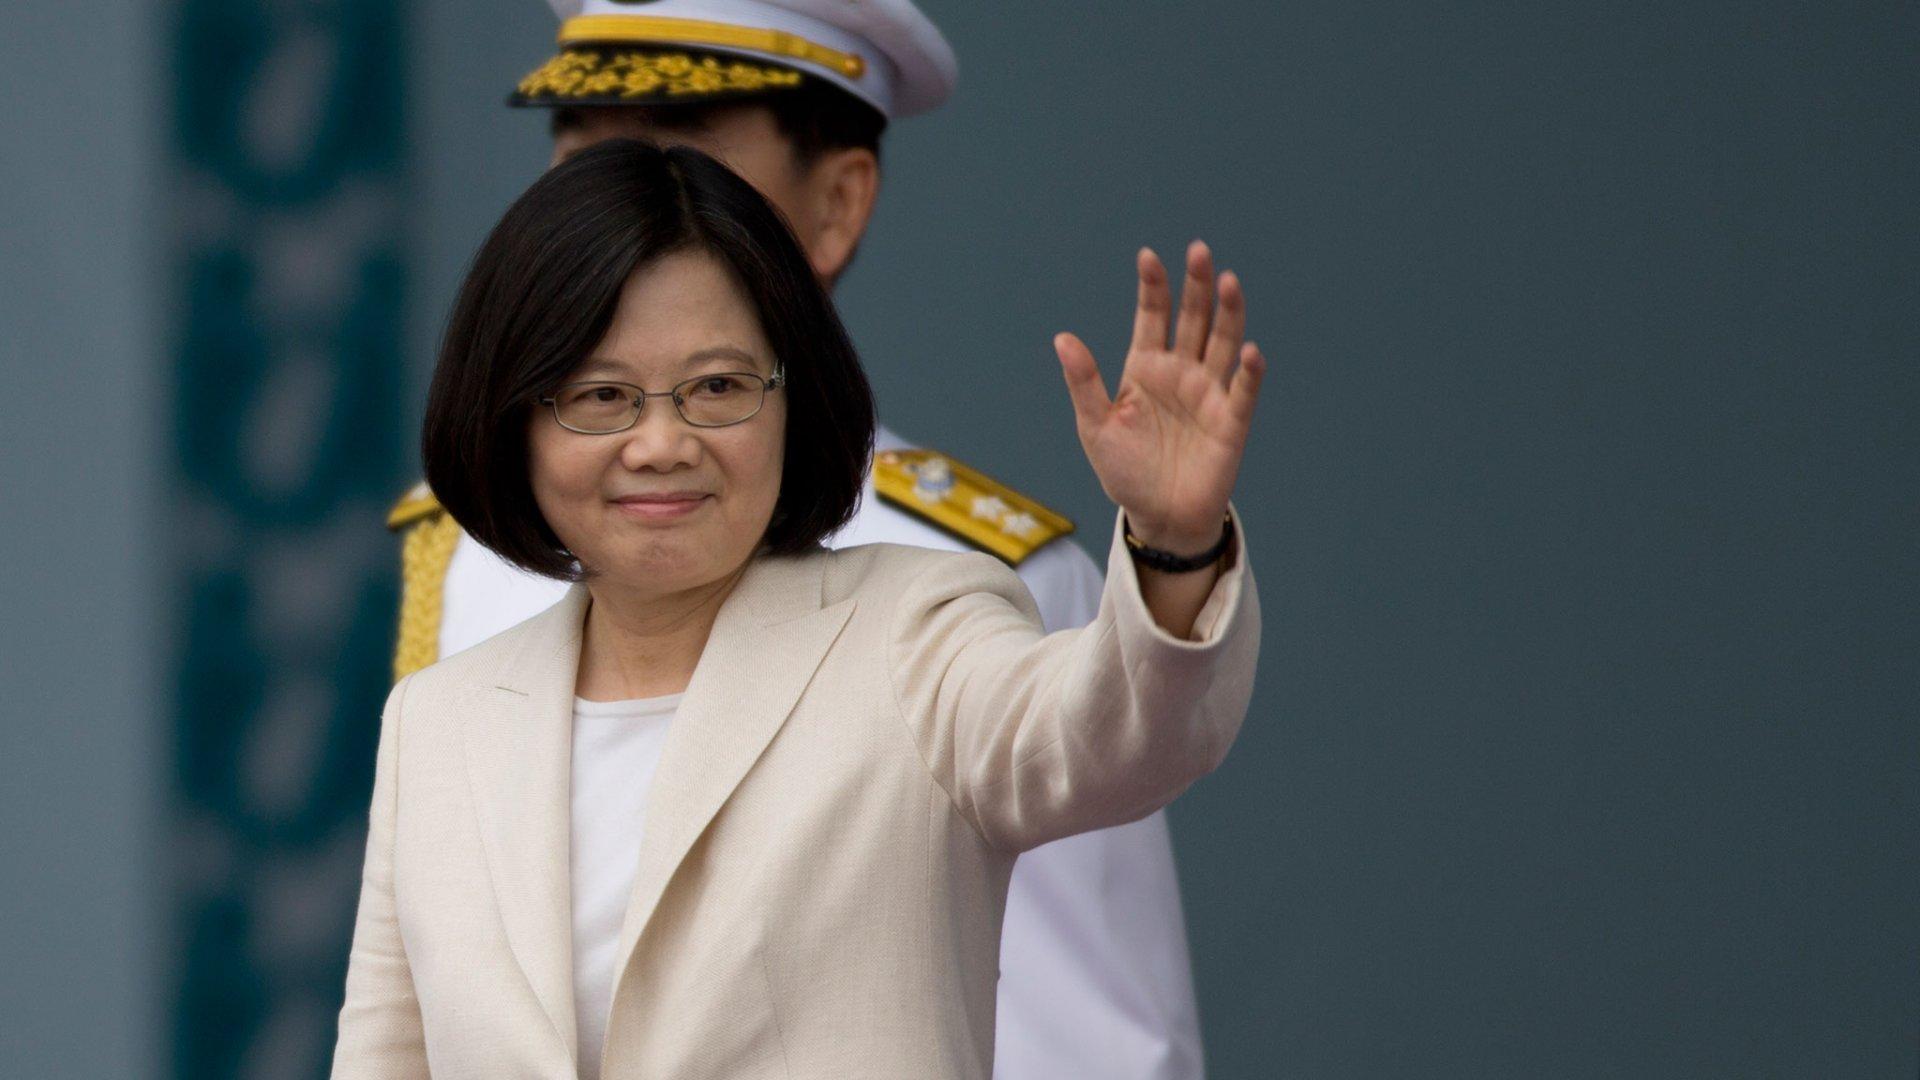 Тайванийн Ерөнхийлөгч тусгаар тогтнолыг нь хүндэтгэхийг Хятадын эрх баригчдаас хүсжээ